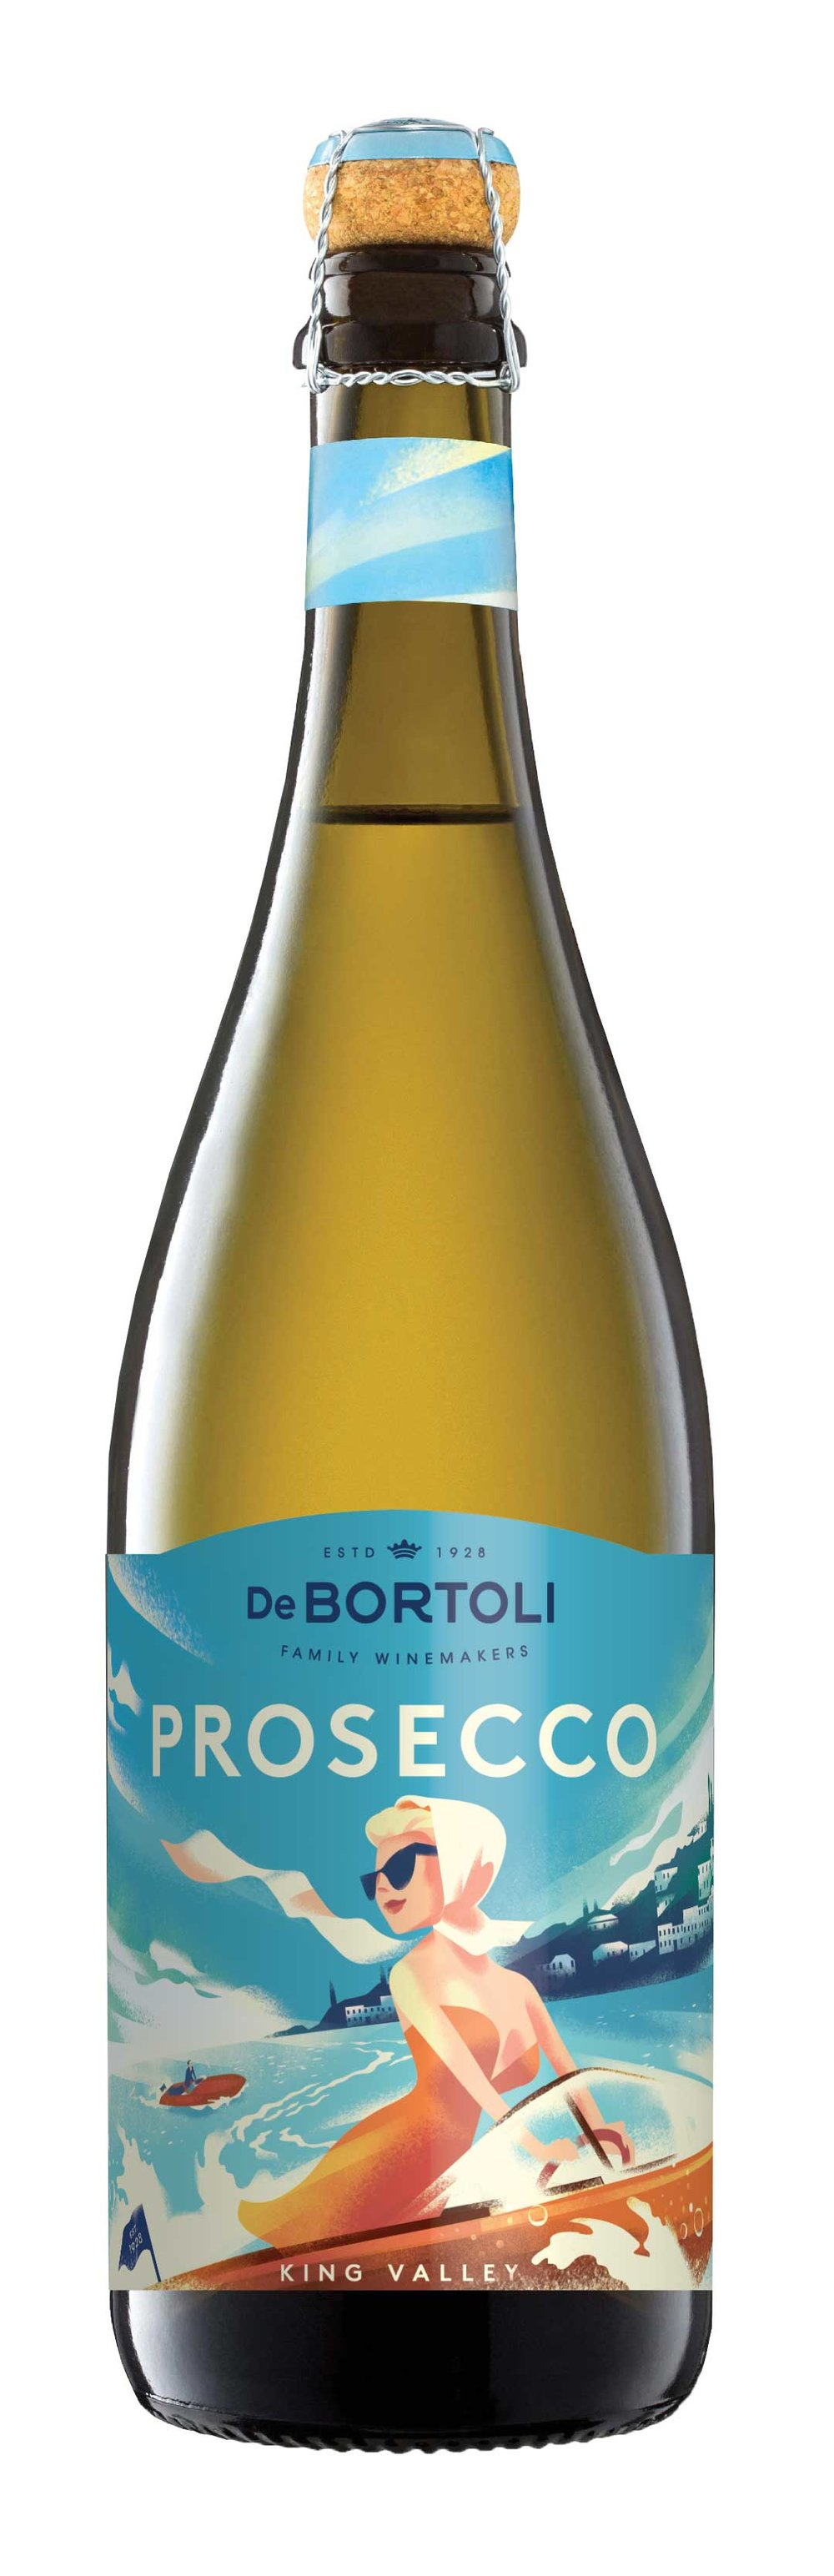 De Bortoli - Your Prosecco of choice